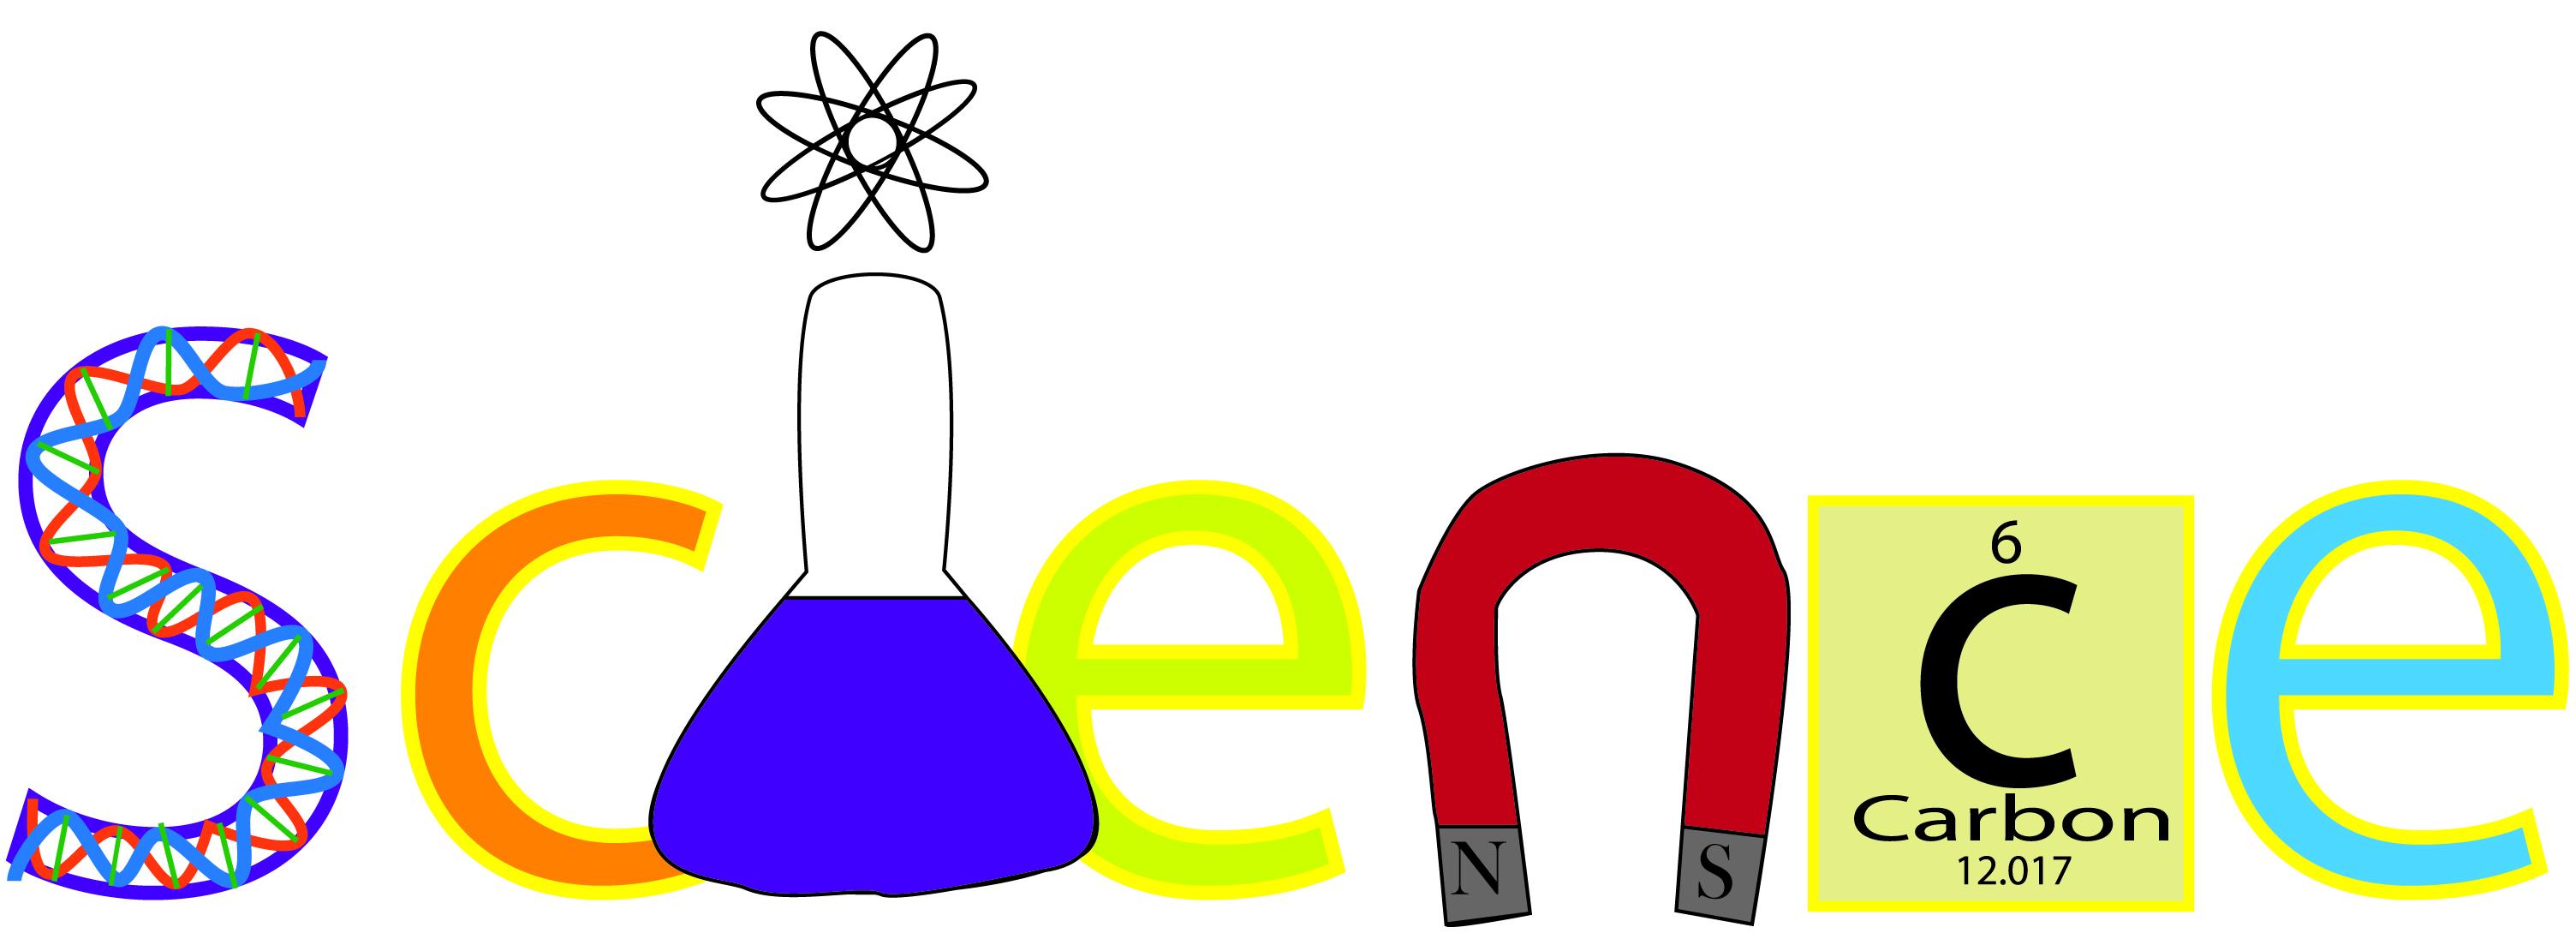 Science Word Art | Cuentos Cuánticos